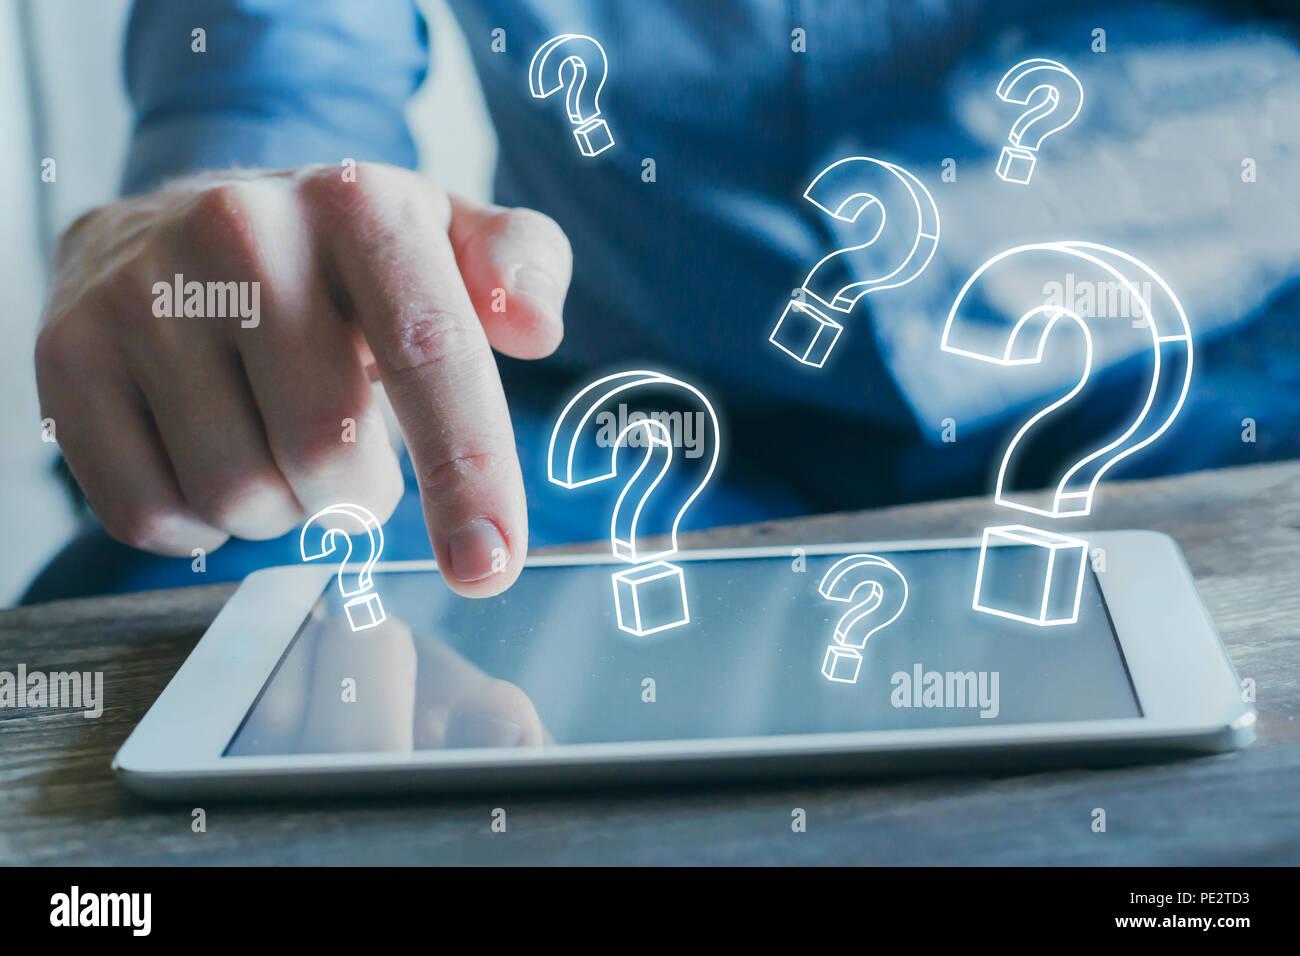 Vielen quiestion Markierungen von den Bildschirm des Tablet-PC, beantworten Sie online finden, FAQ Konzept, Was Wo Wann Wie und Warum, suche Informationen im Internet Stockbild